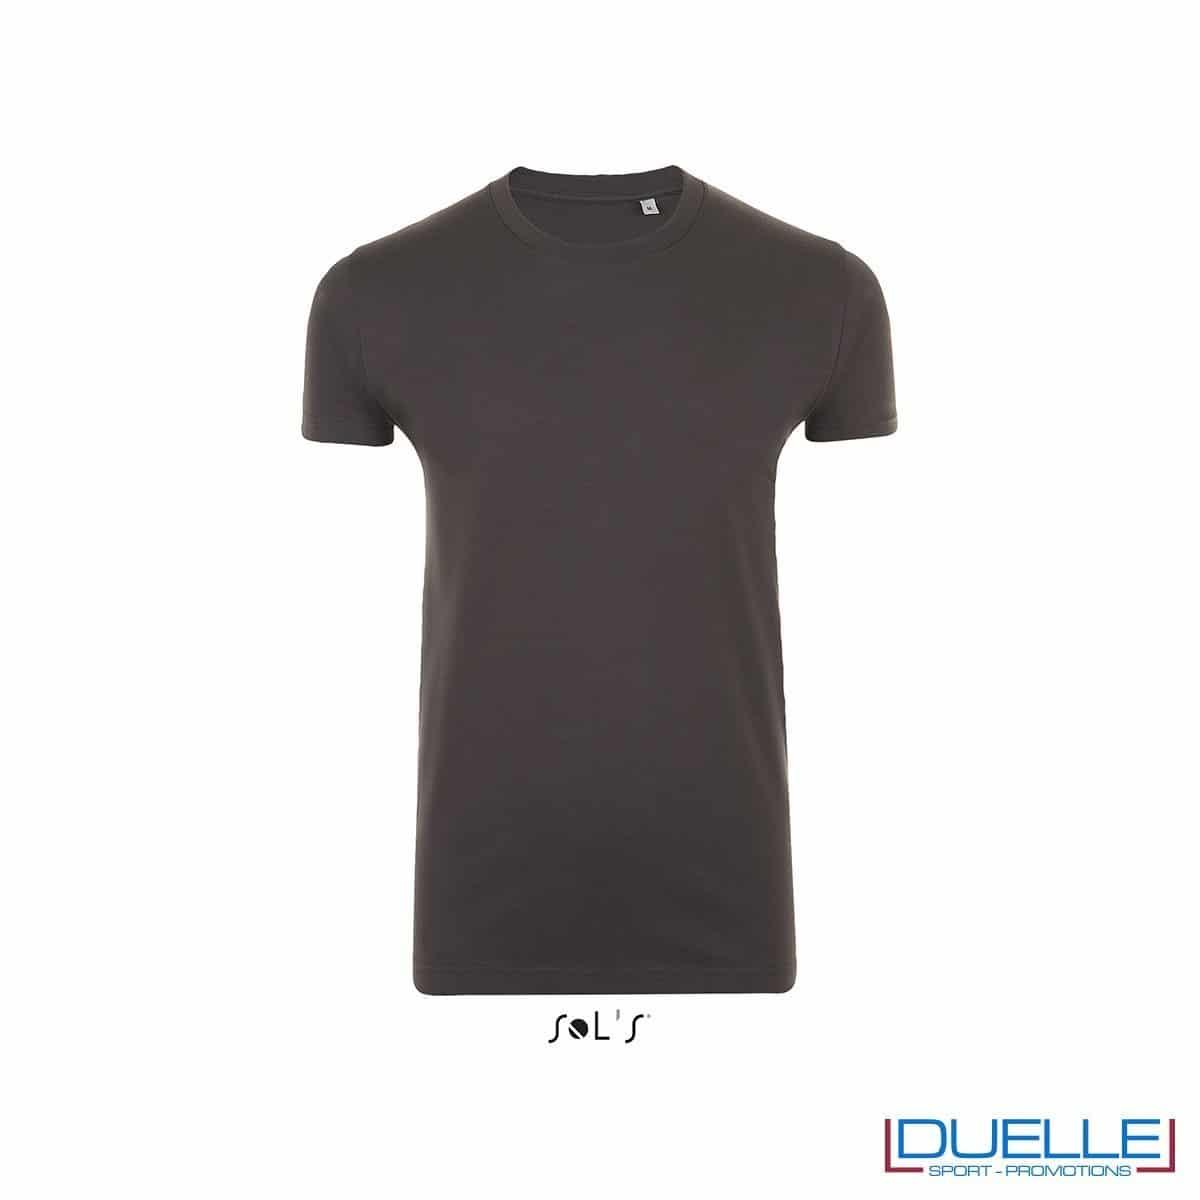 T-shirt slim fit uomo in cotone pesante colore grigio scuro